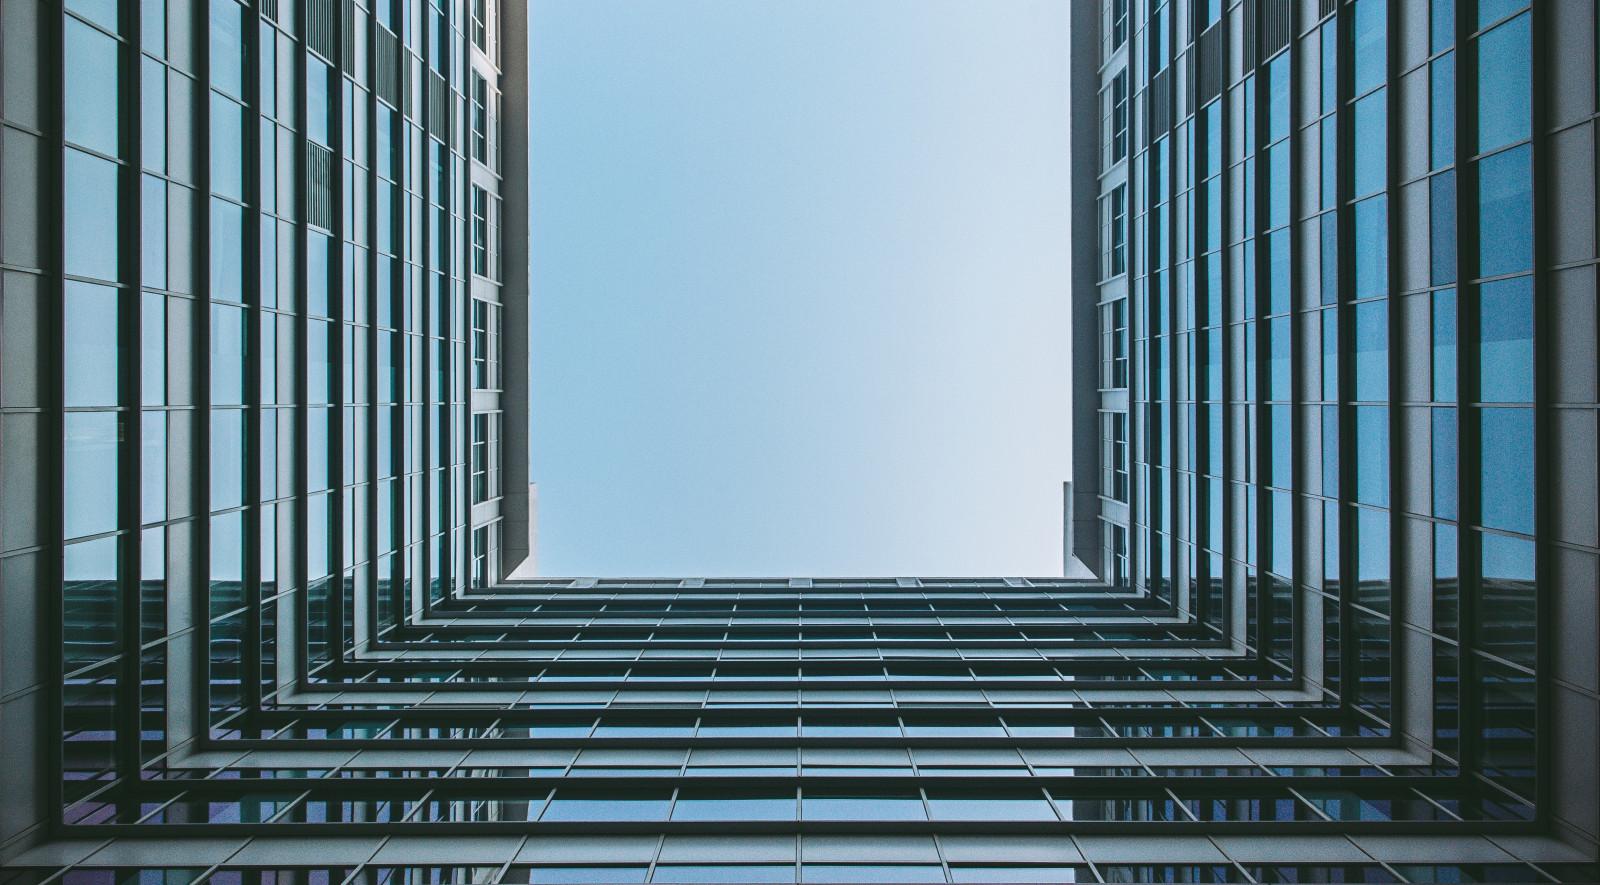 fond d 39 cran architecture minimalisme b timent sym trie maison gratte ciel bleu verre. Black Bedroom Furniture Sets. Home Design Ideas